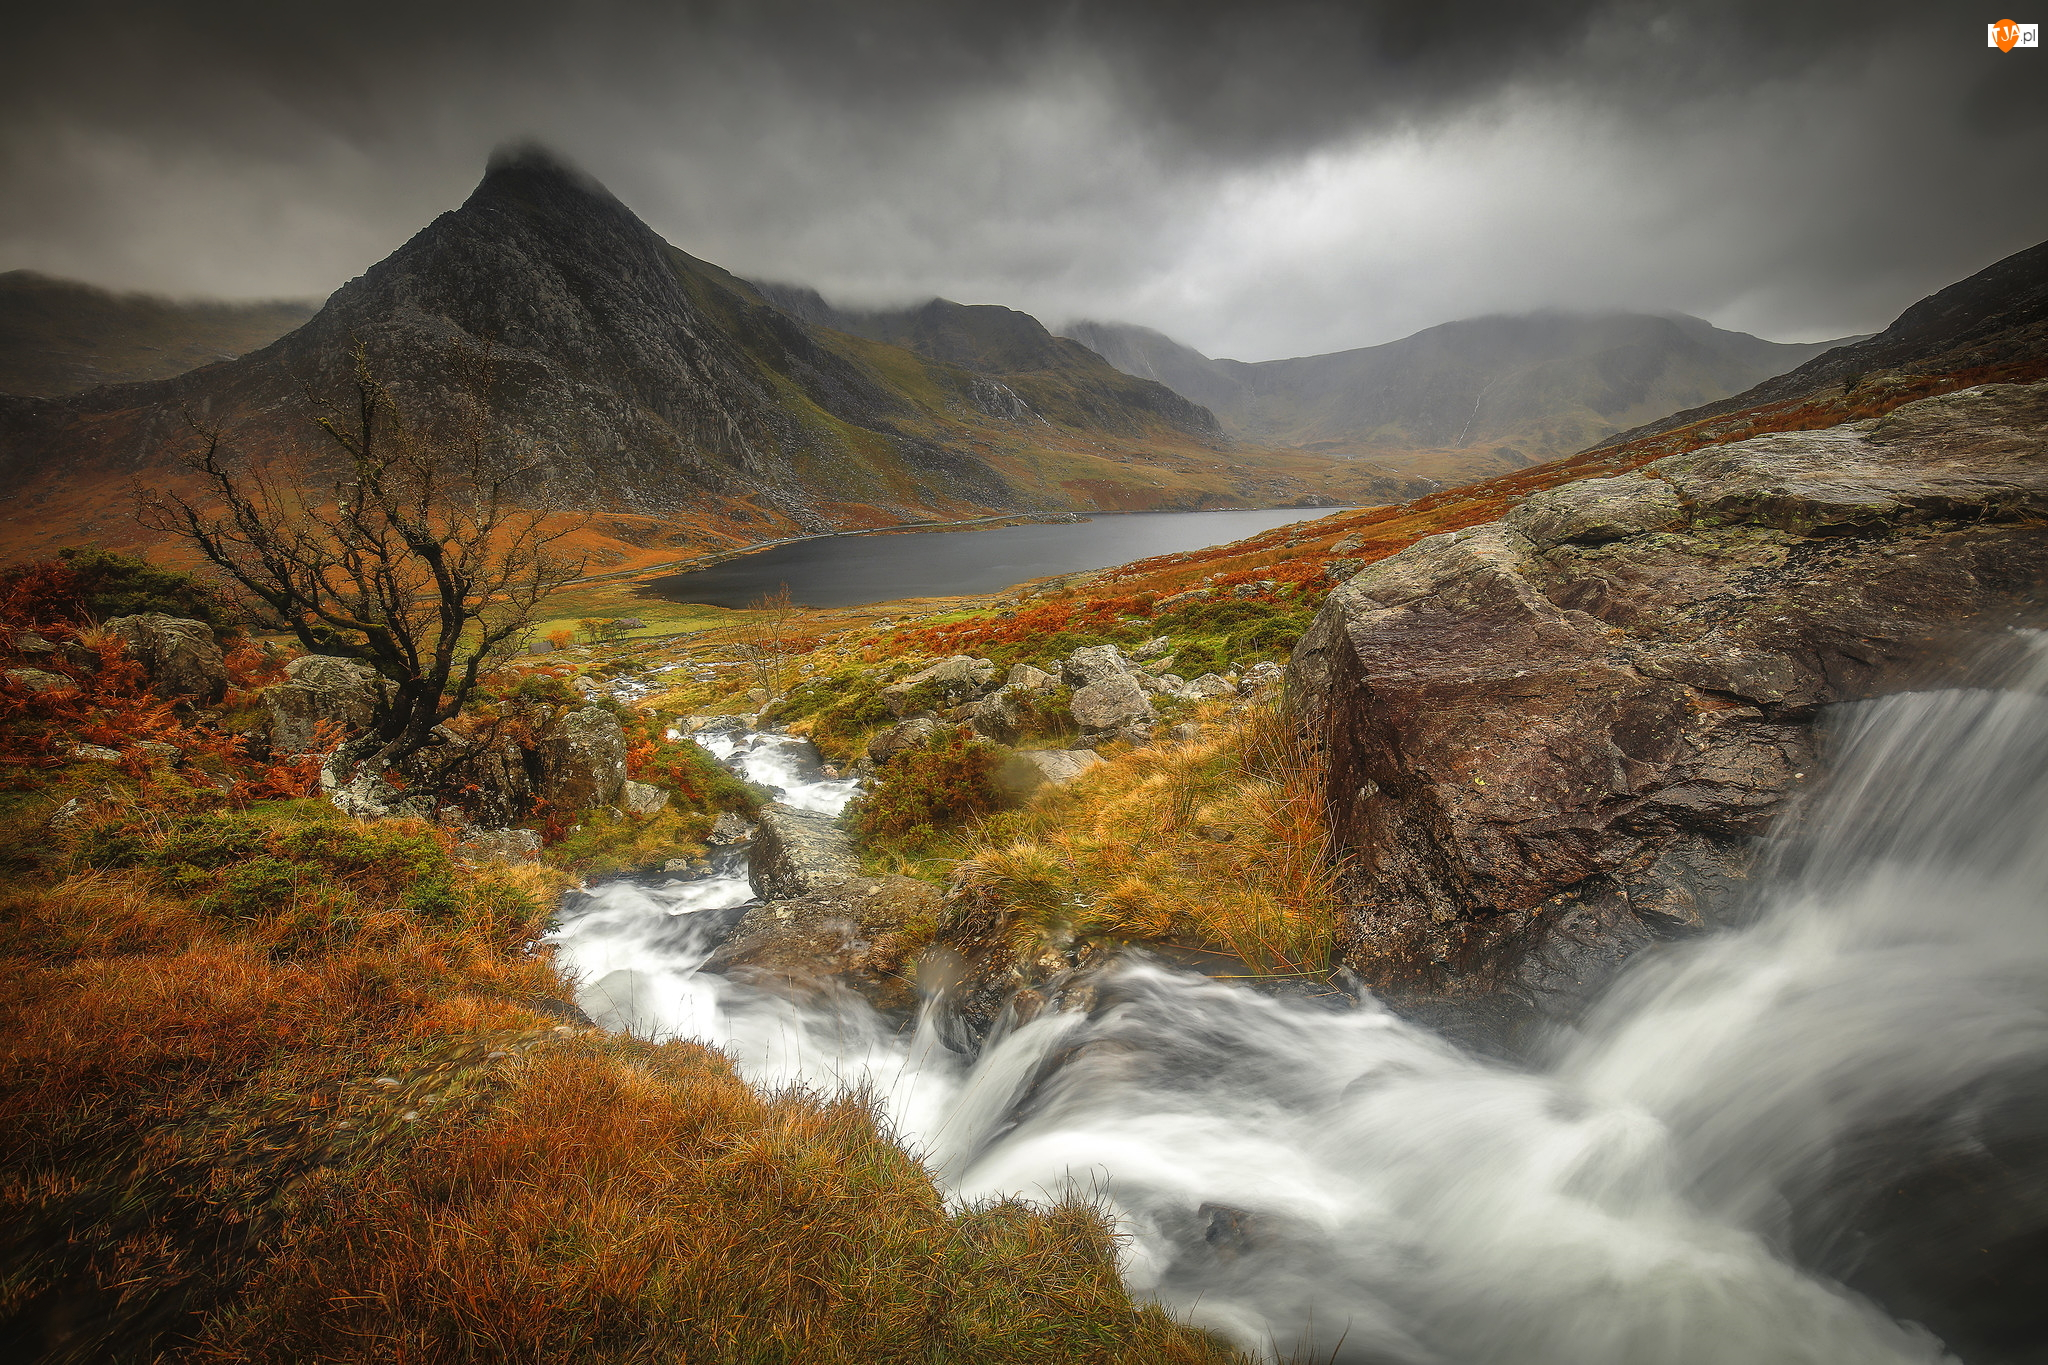 Jesień, Skały, Roślinność, Dolina, Szczyt Tryfan, Chmury, Rzeka, Góry, Park Narodowy Snowdonia, Jezioro Ogwen, Walia